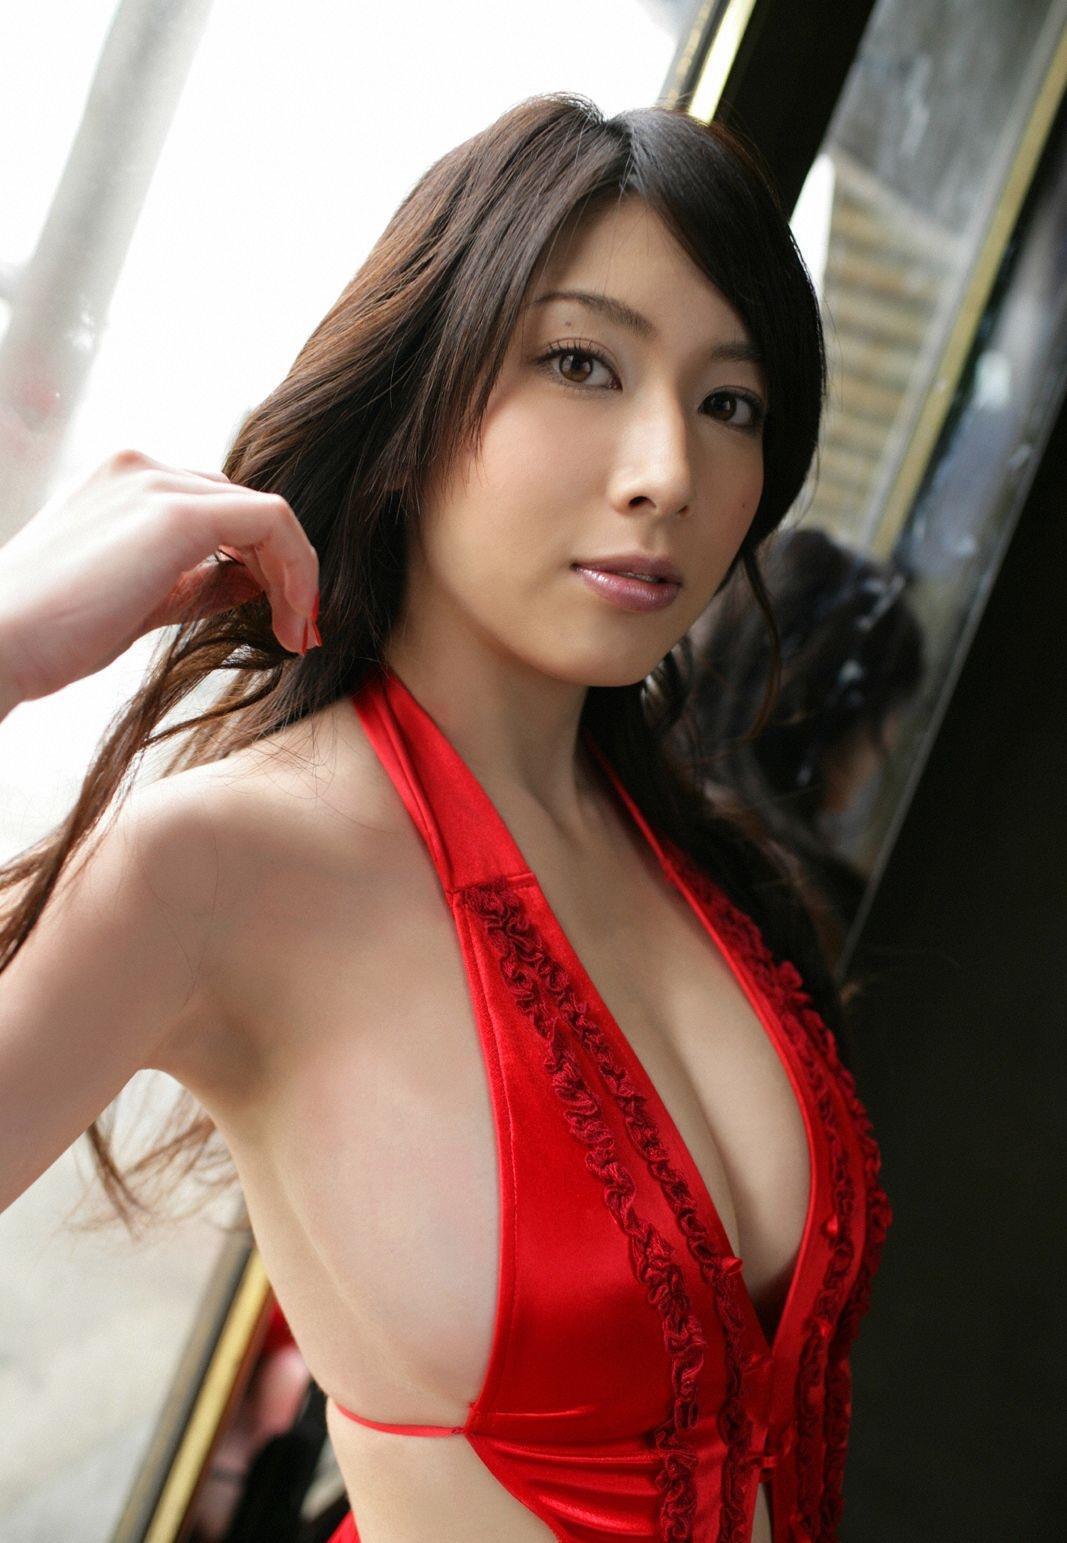 小林恵美 エロ画像 76